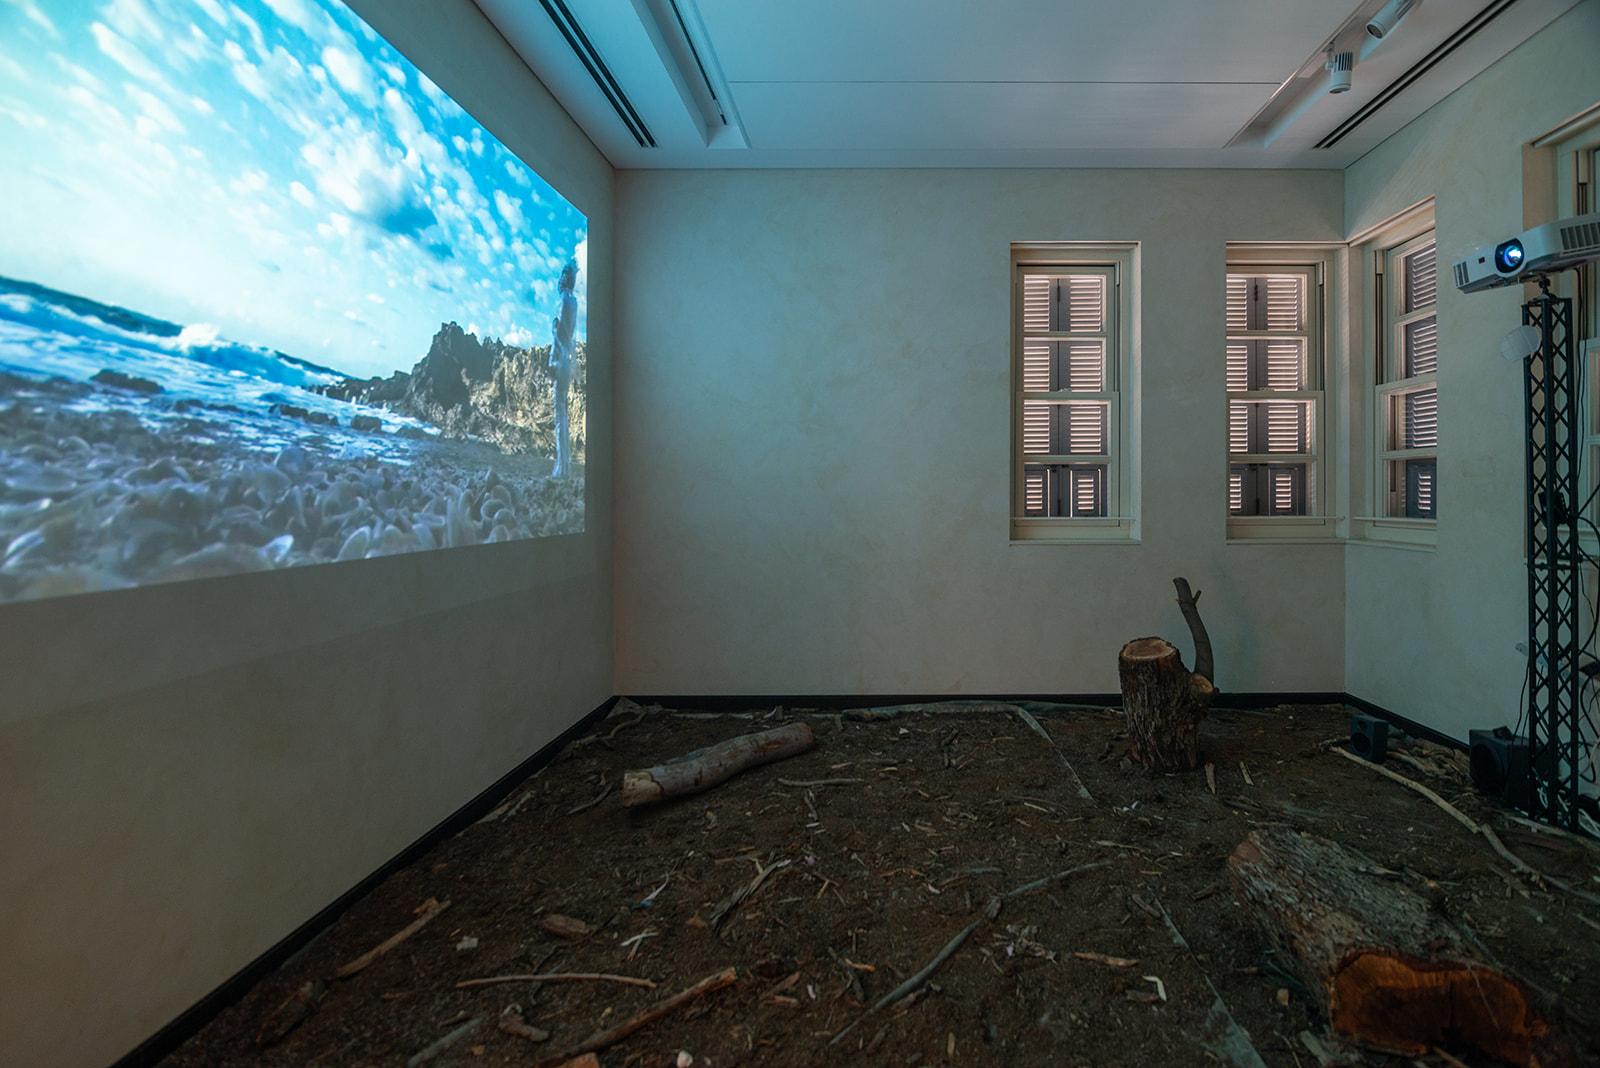 טל מזומן, Pit Intrinsic, שנה: 2021, מיצב ווידאו, ערוץ אחד וסאונד, 9:00 דקות<br /> צילום: נטע קונס